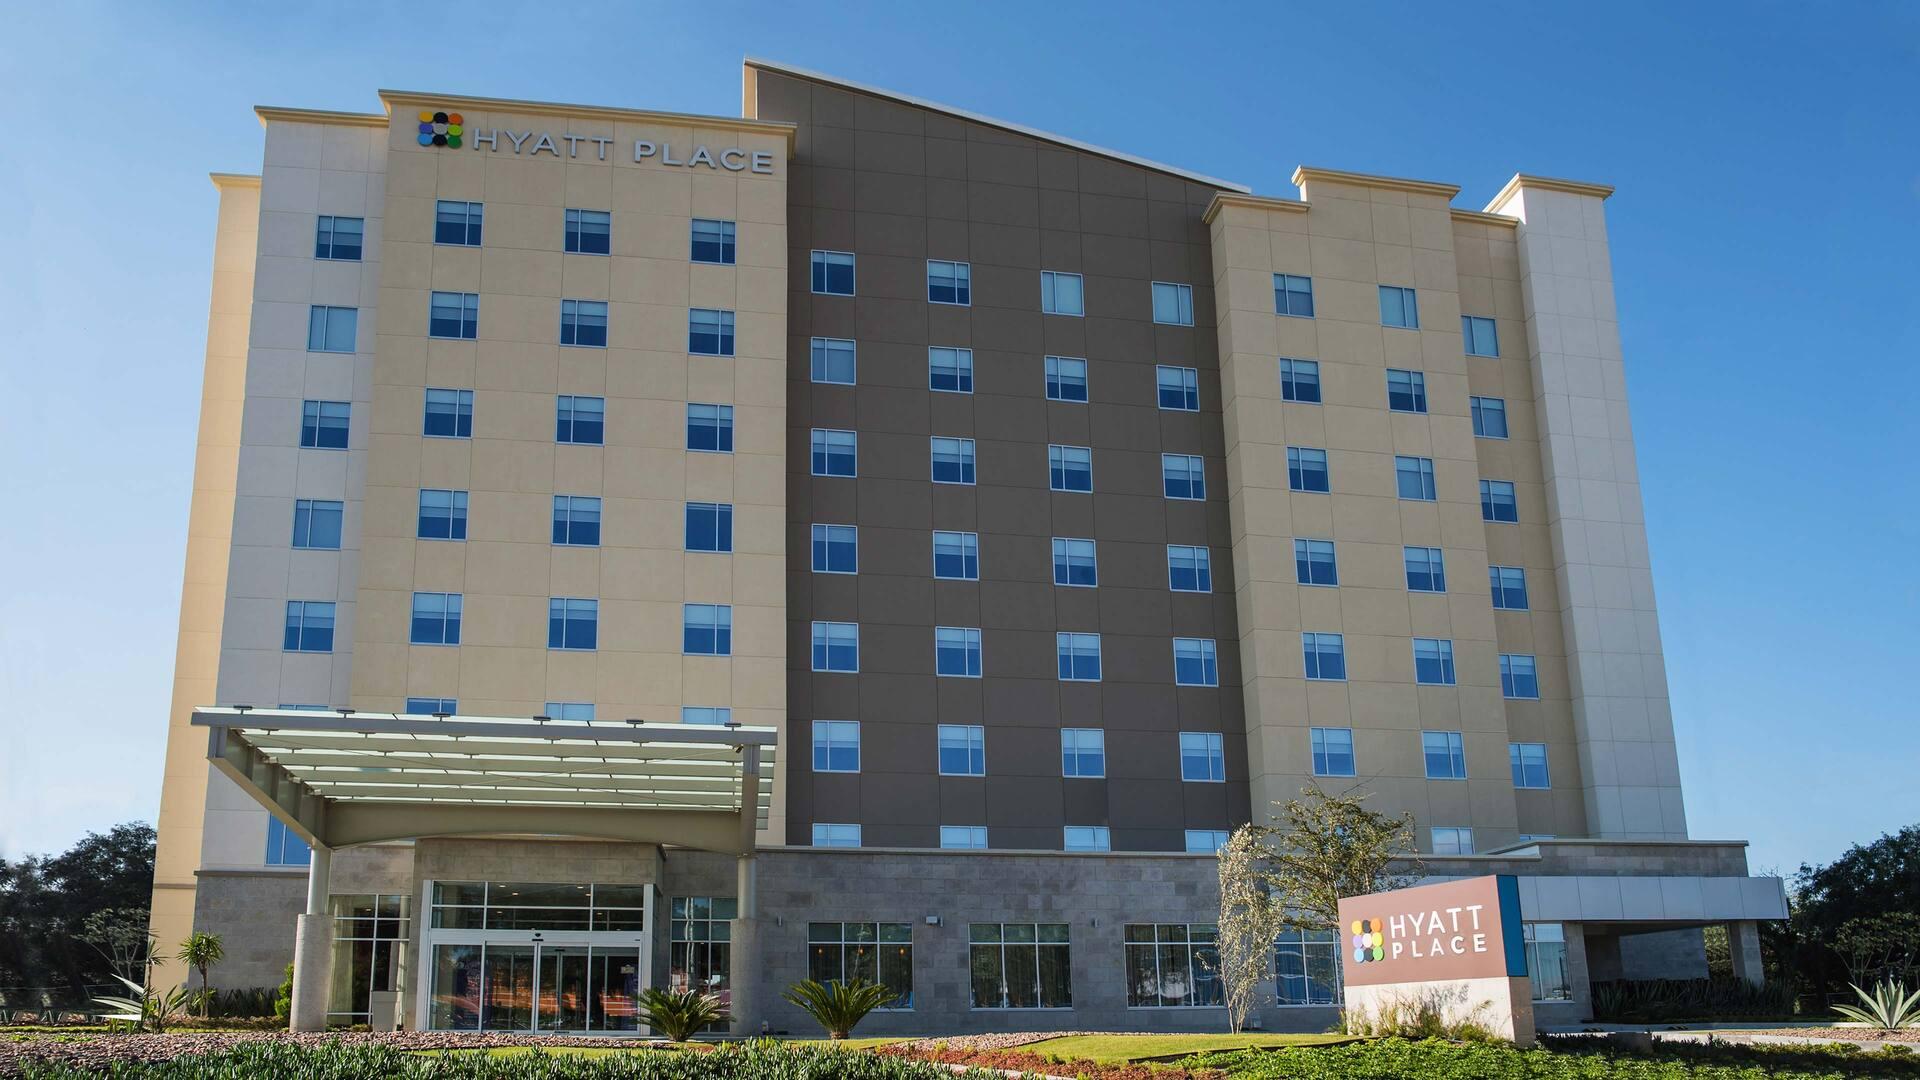 Aproveche al máximo su estancia: explore las tarifas especiales de nuestro resort.